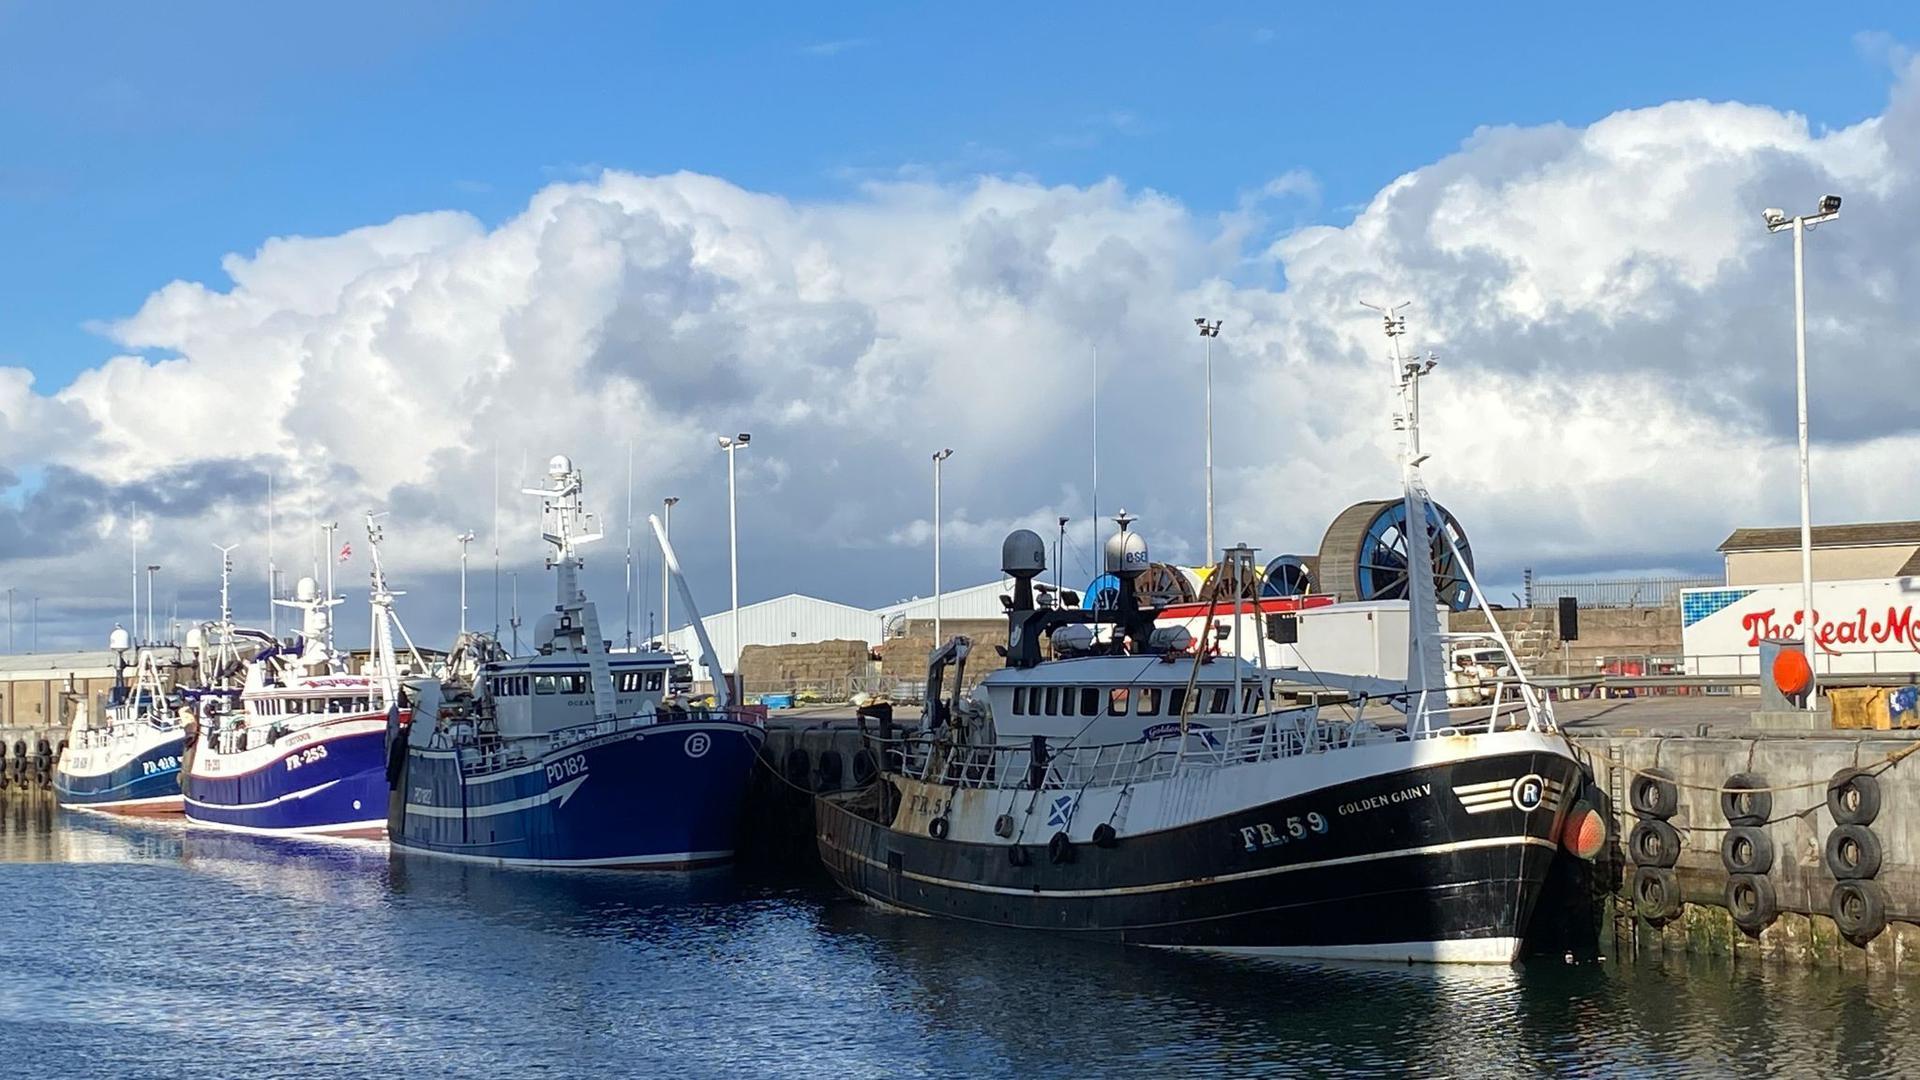 Der Hafen von Peterhead. Die Fischerei war eines der emotionalsten Themen bei den Brexit-Verhandlungen zwischen Großbritannien und der EU.